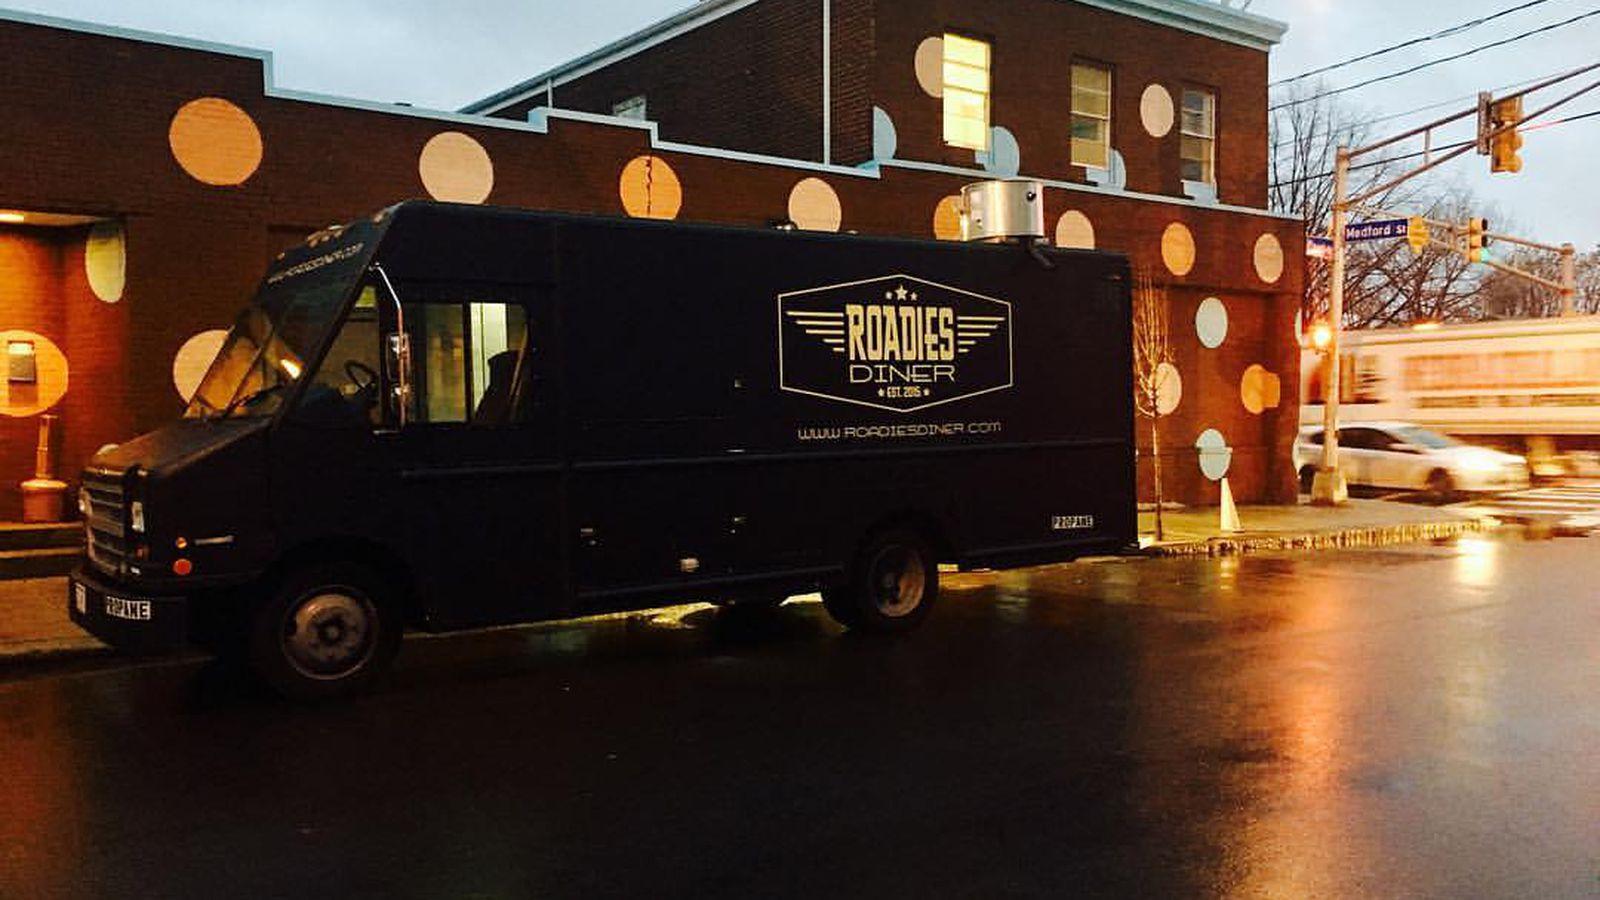 Roadies Diner Food Truck Menu